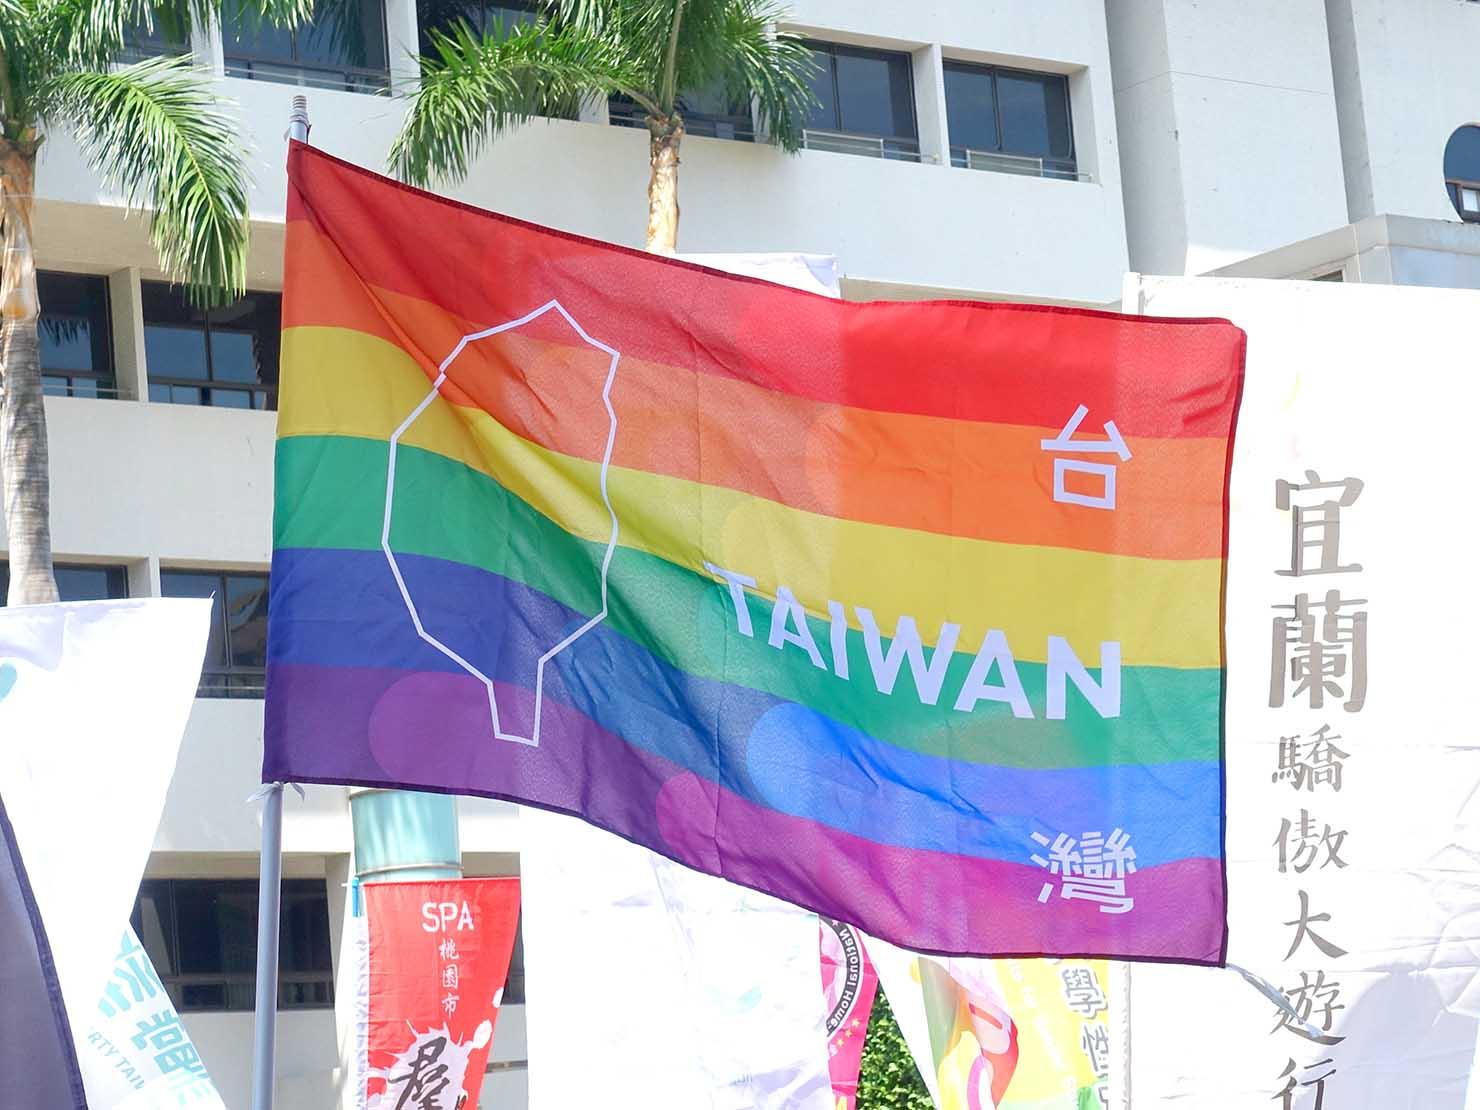 台湾・桃園のLGBTプライド「桃園彩虹野餐日」2020のパレードにはためくレインボーフラッグ